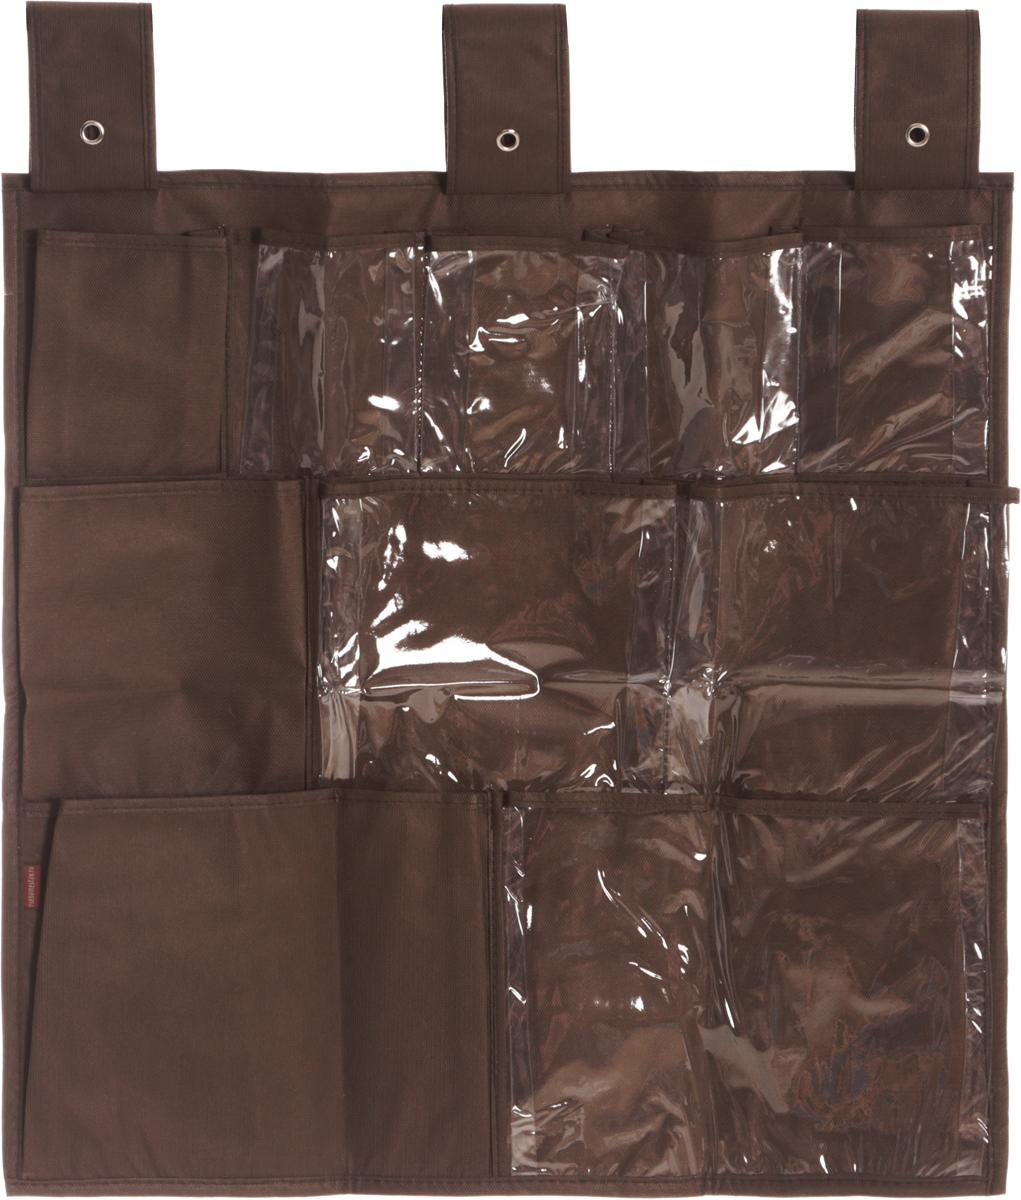 Органайзер для мелочей Все на местах Minimalistic, подвесной, цвет: коричневый, 10 карманов, 56 x 56 смS03301004Подвесной органайзер Все на местах Minimalistic, изготовленный из ПВХ и спанбонда, предназначен для хранения необходимых вещей, множества мелочей в гардеробной, ванной комнате. Изделие оснащено 10 пришитыми кармашками. Крепится органайзер на широкие лямки на липучках.Этот нужный предмет может стать одновременно и декоративным элементом комнаты. Яркий дизайн, как ничто иное, способен оживить интерьер вашего дома. Размер органайзера: 56 х 56 см.